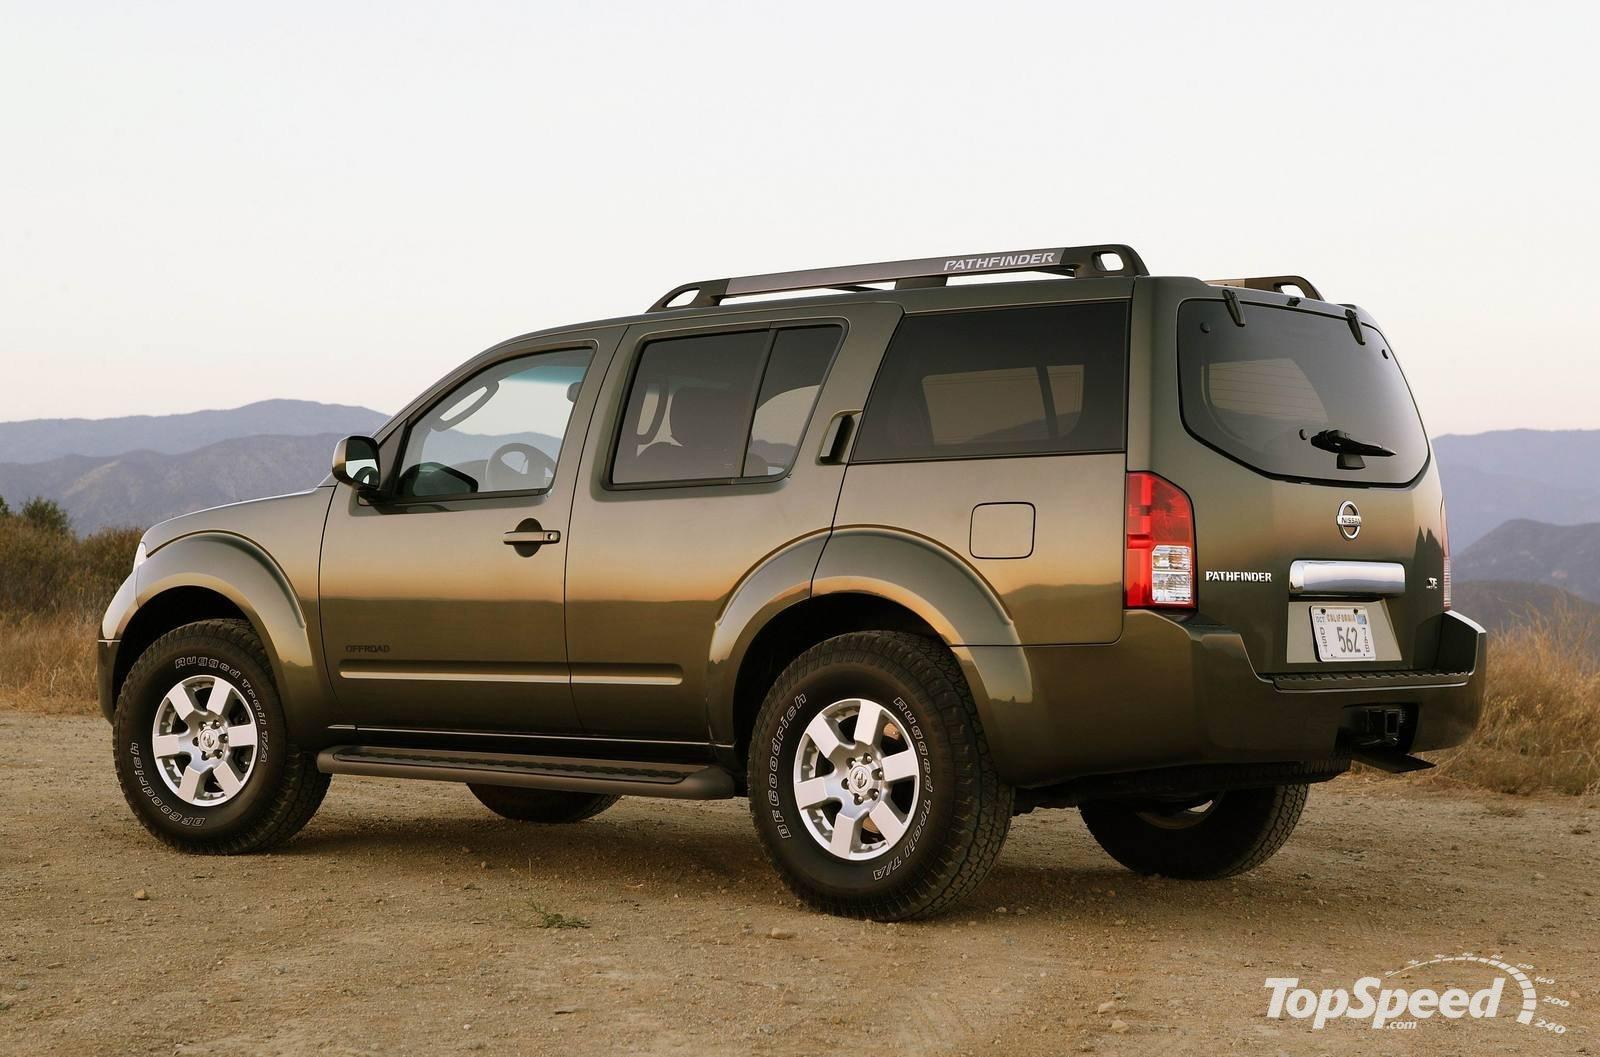 2008 Nissan Pathfinder For Sale >> 2006 Nissan Pathfinder - Partsopen